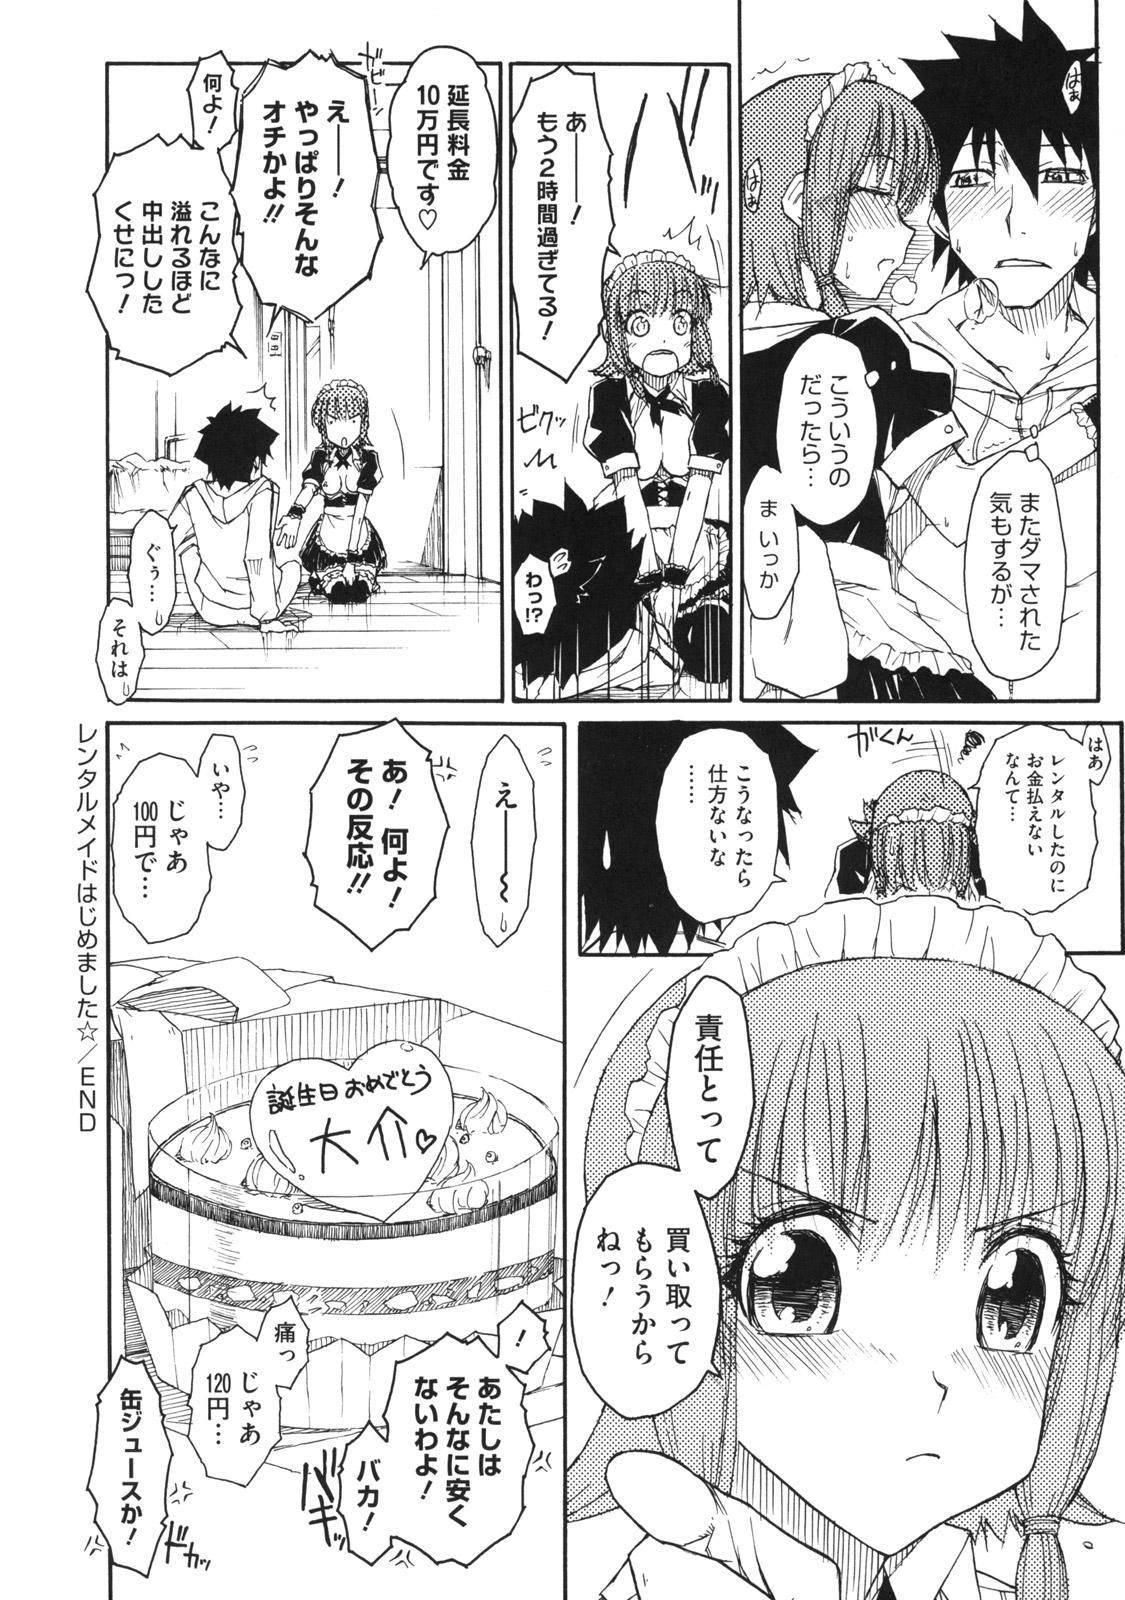 Otome x Hatsujo 159